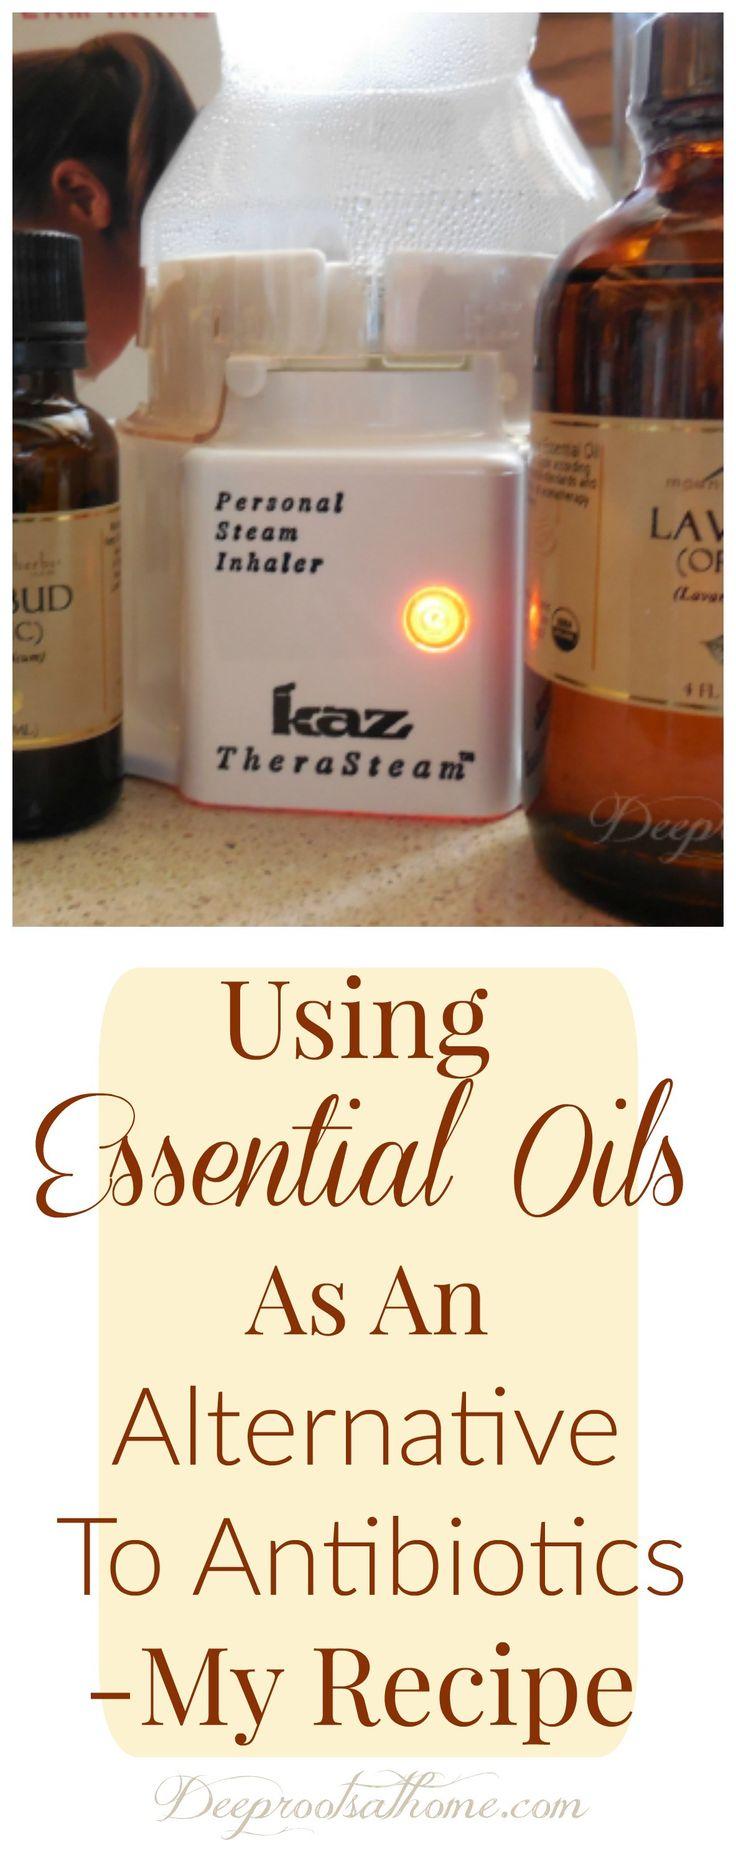 Using Essential Oils As Alternative To Antibiotics - My Recipe